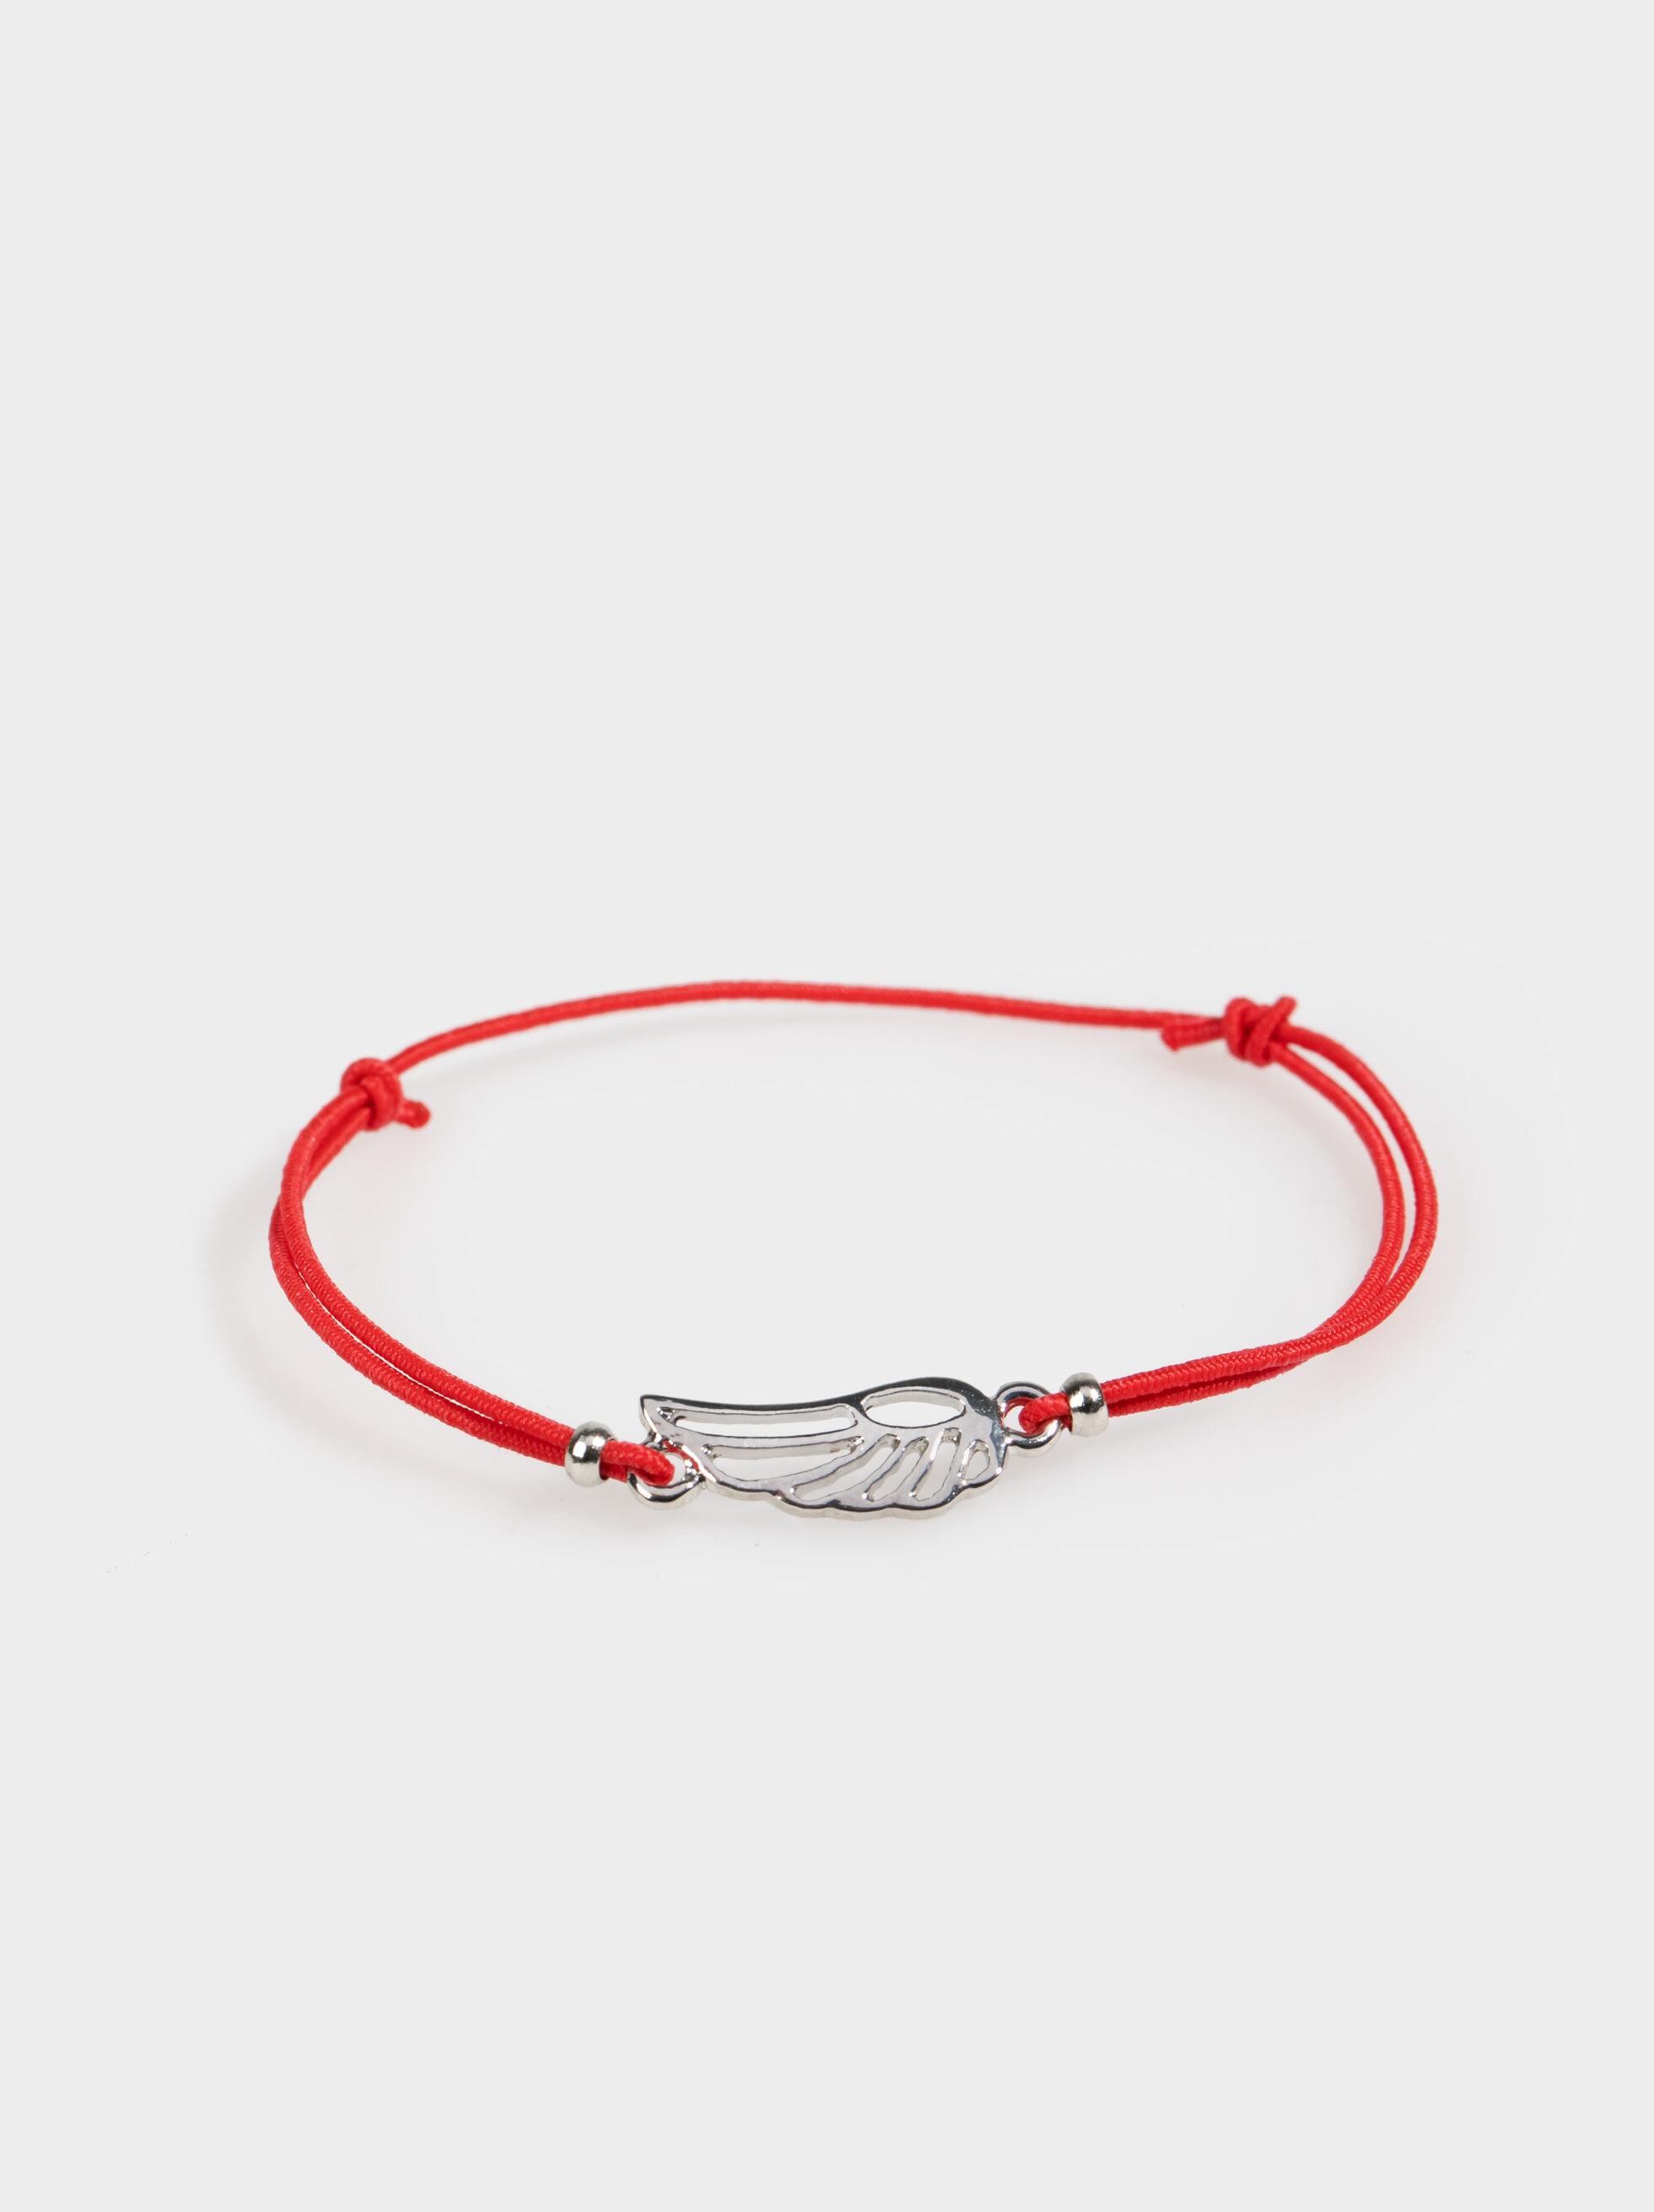 Adjustable Bracelet With Wing, Red, hi-res